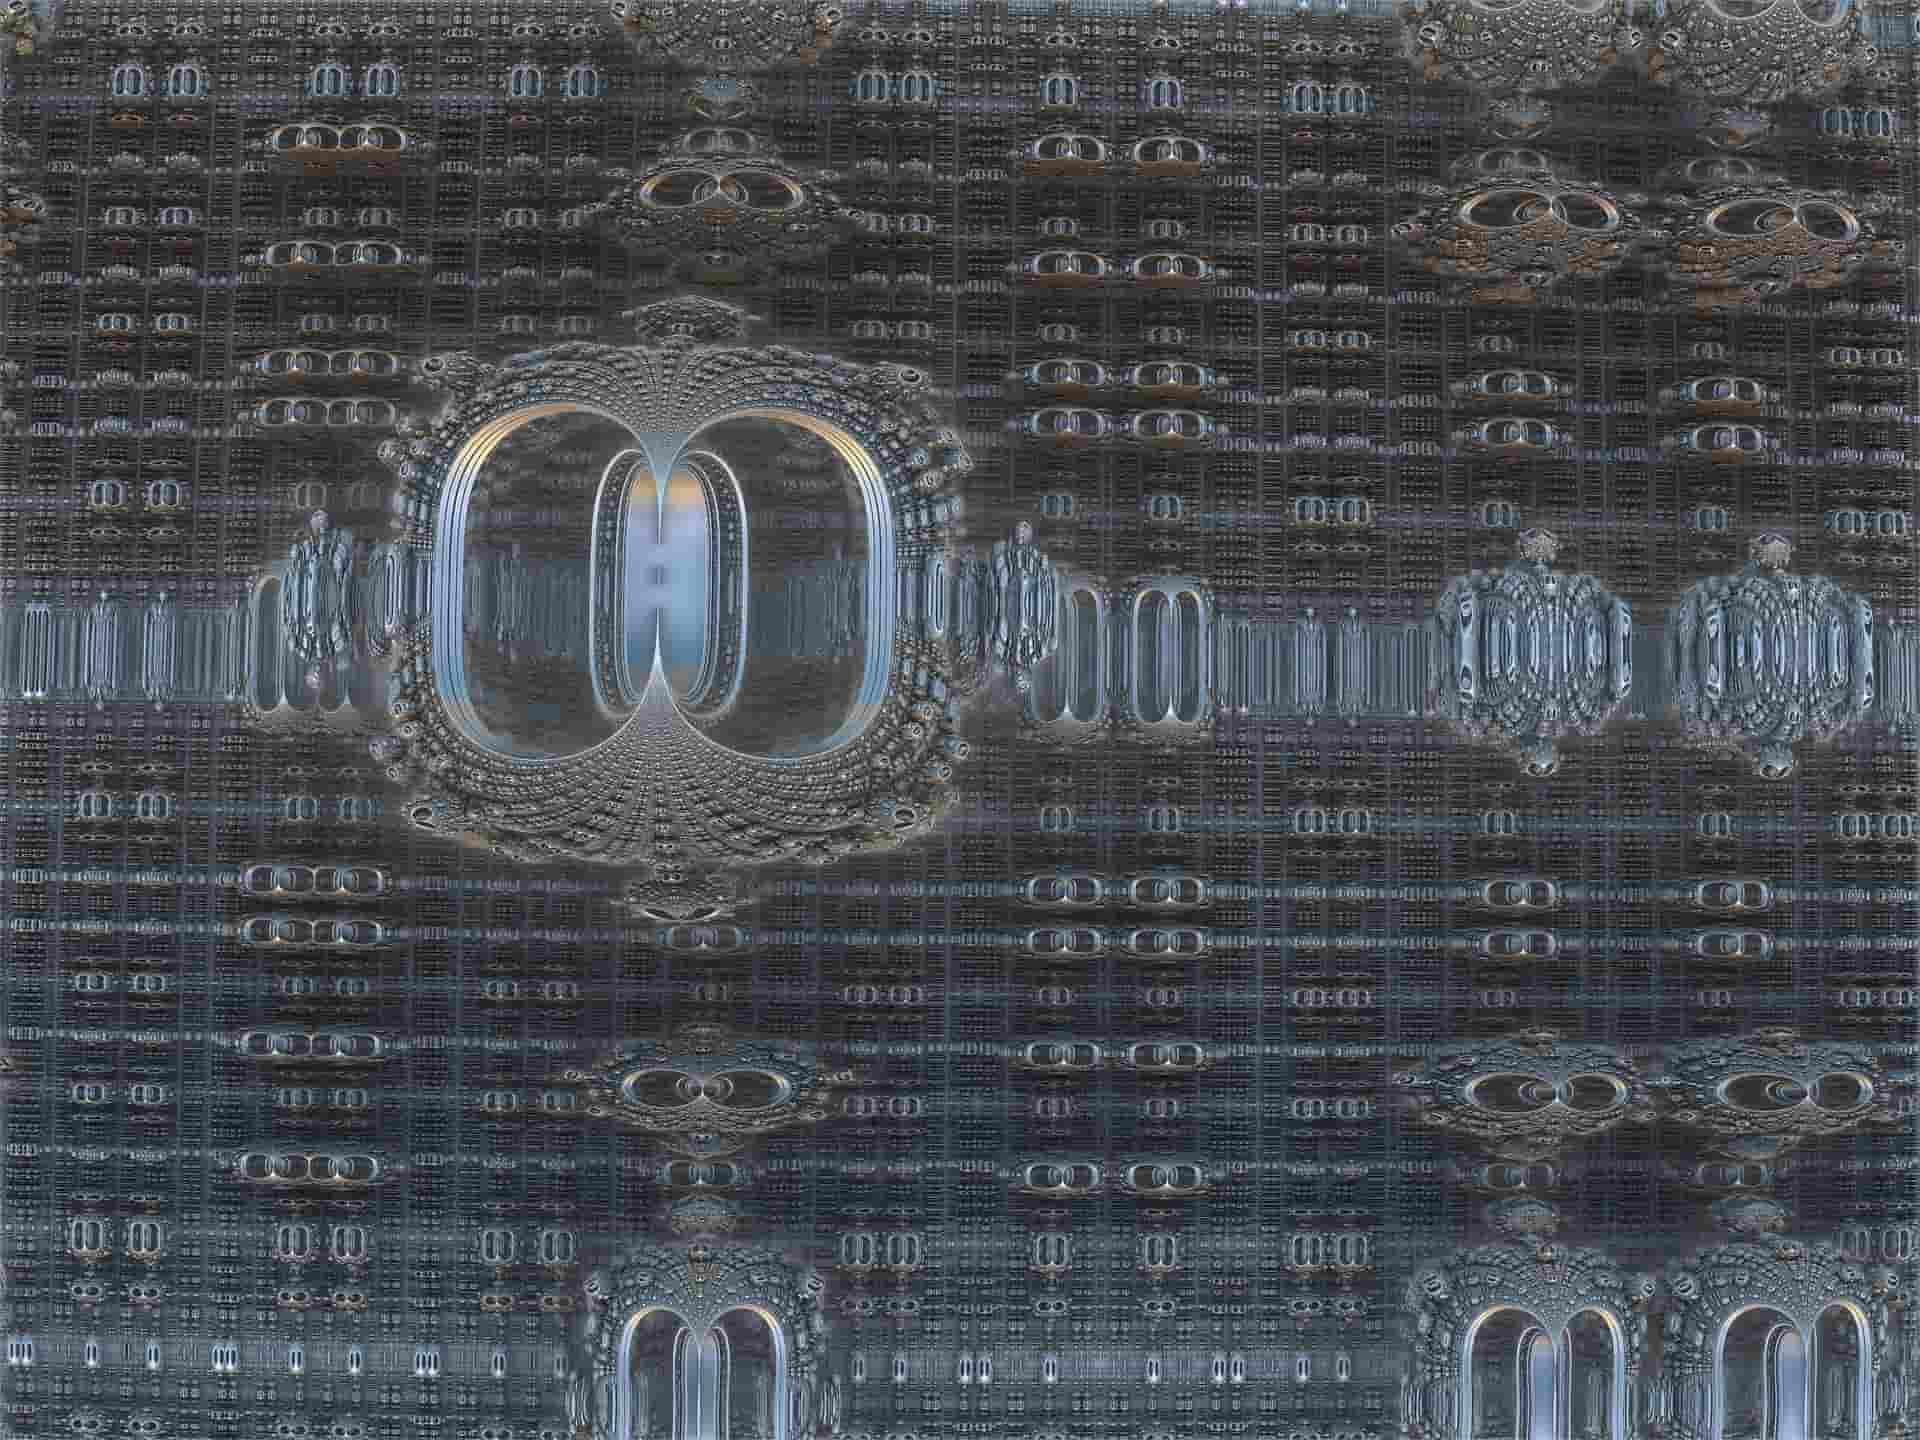 komputer kwantowy tło